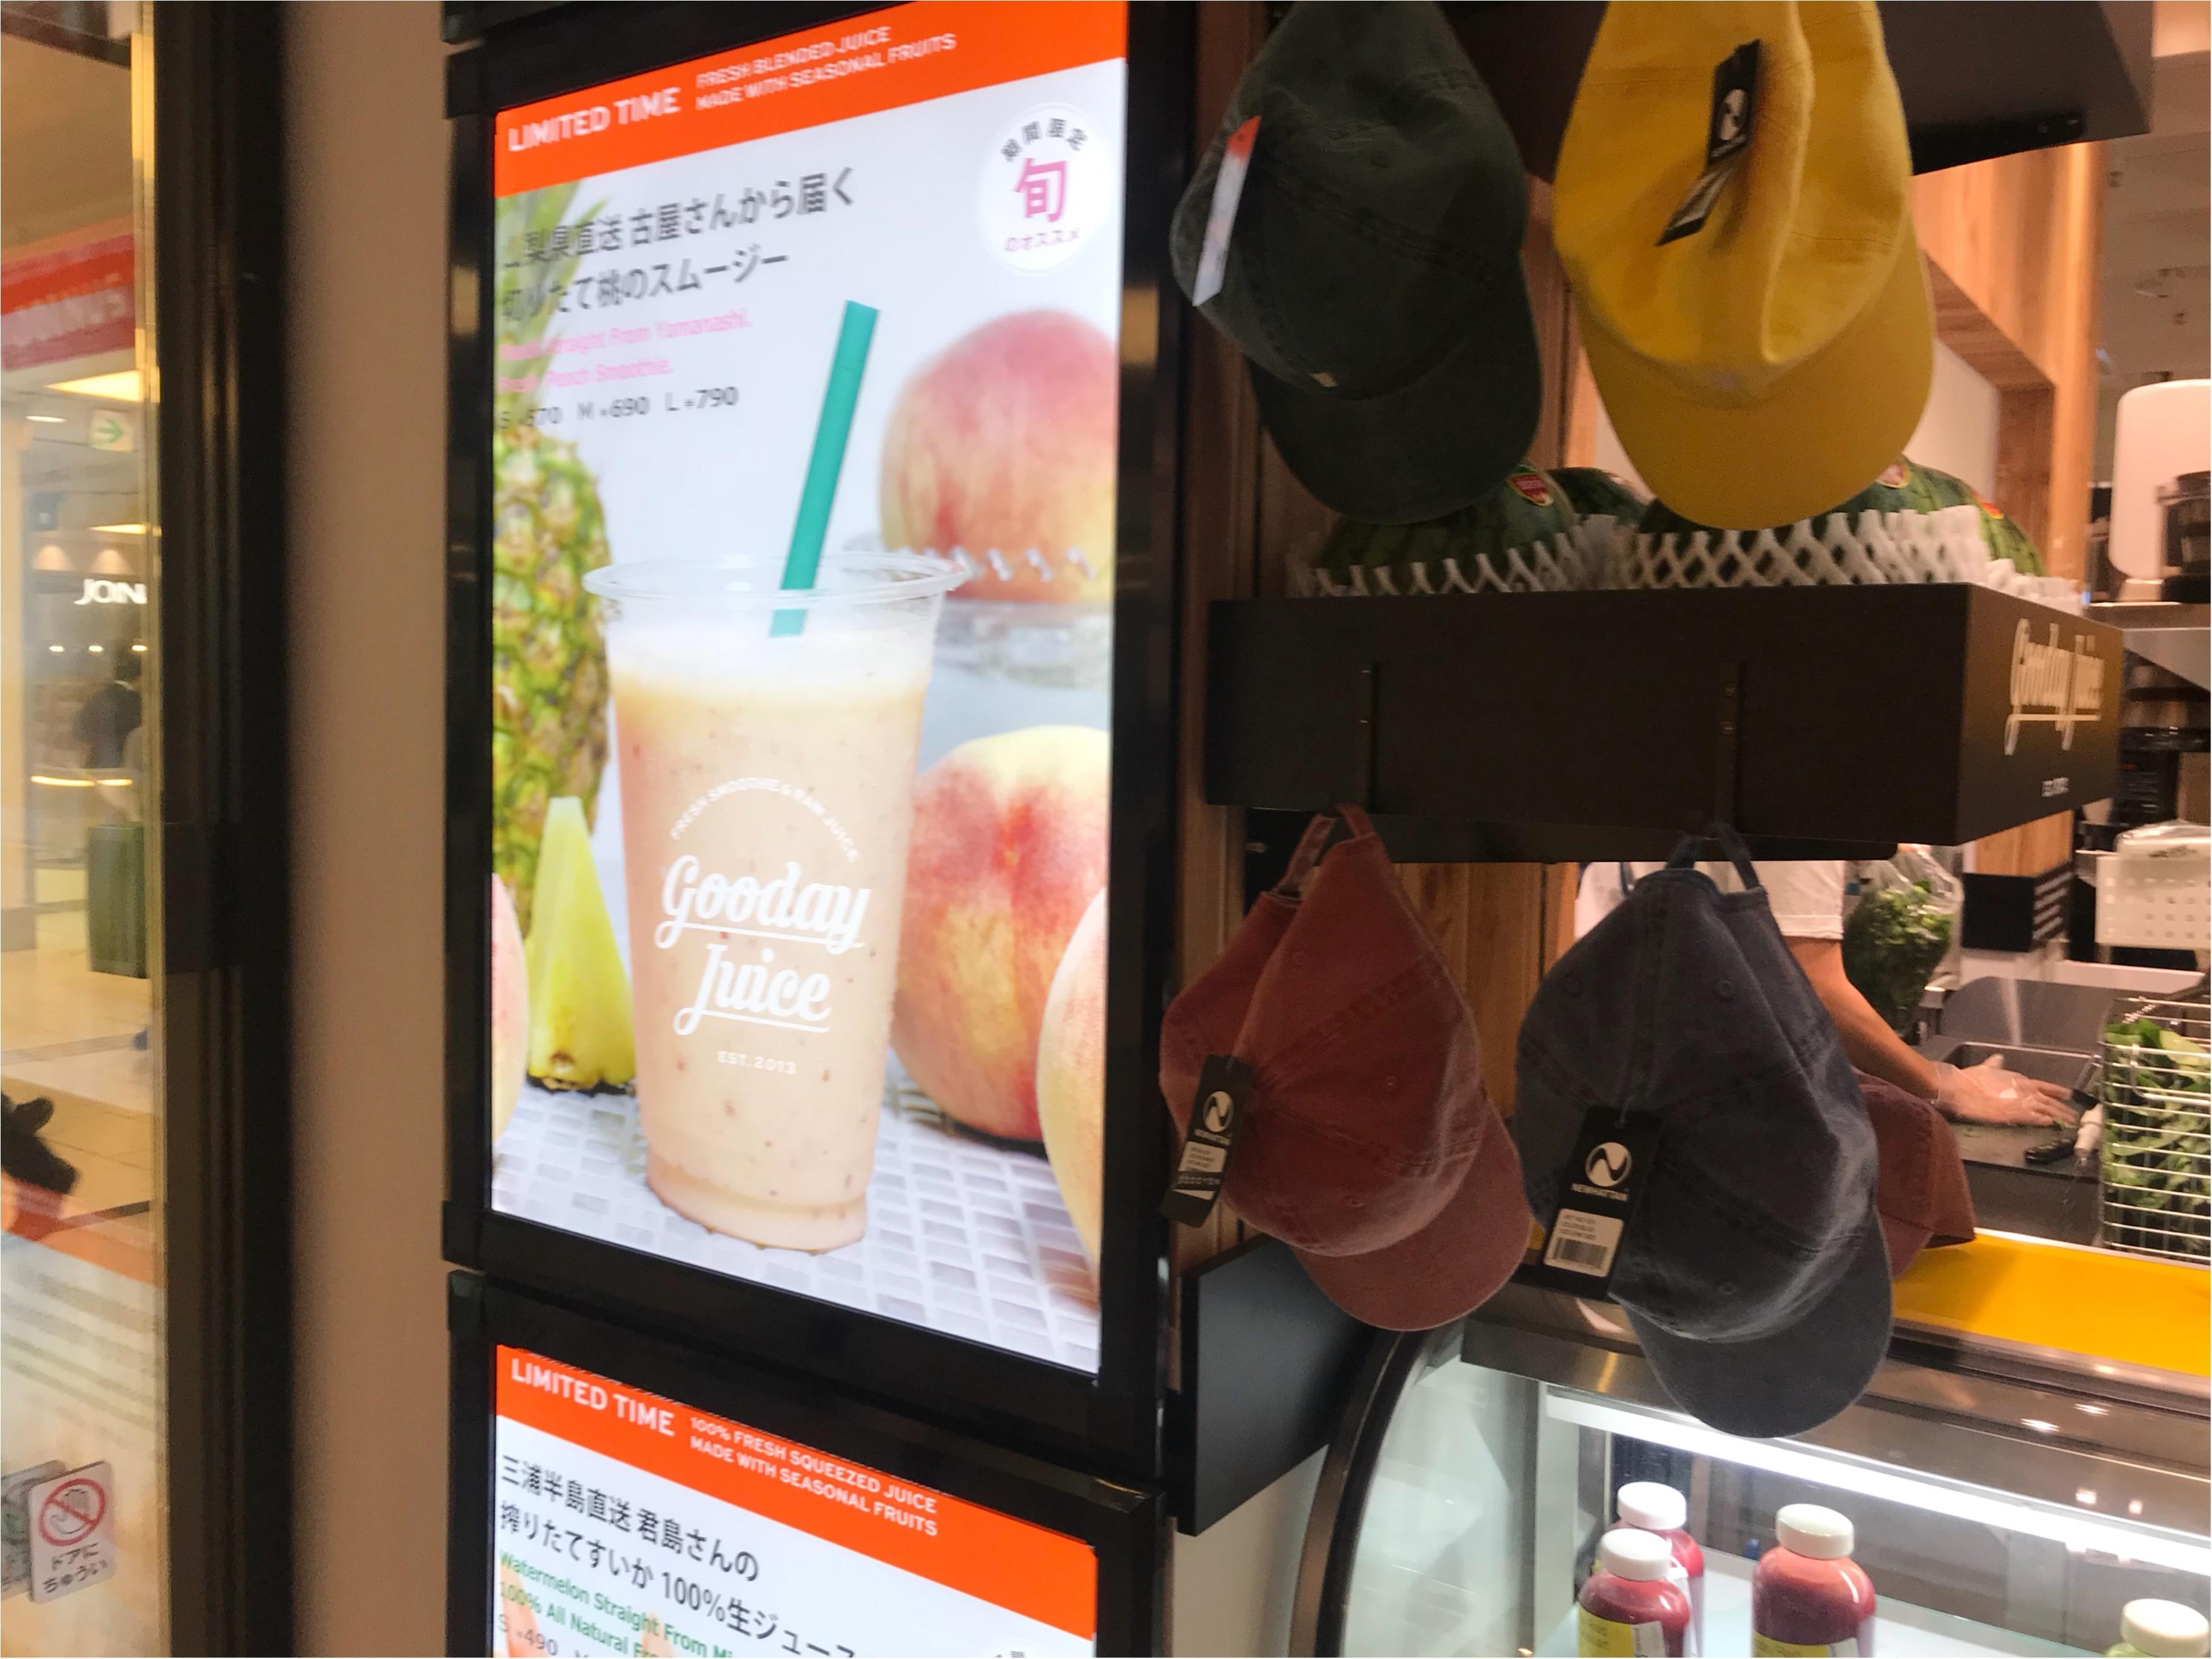 【アボカドで美容効果UP!】忙しい人ほどフレッシュジュースを活用すべし!私イチオシはgooday juice!_3